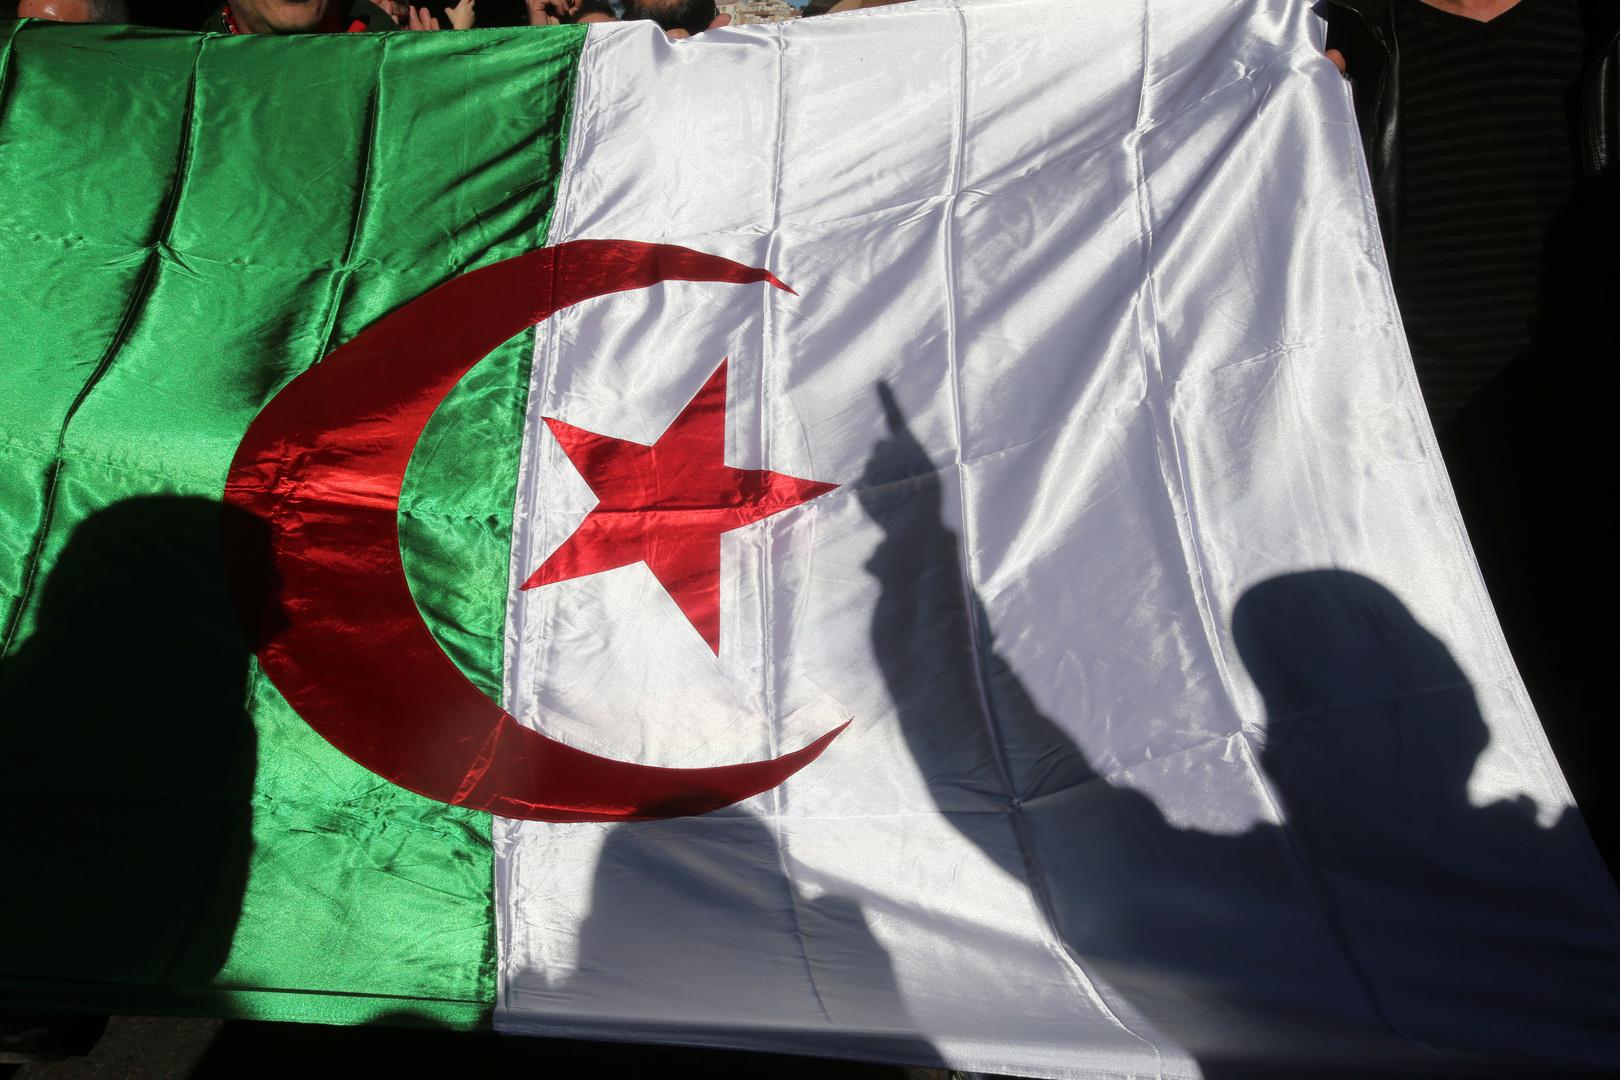 الدفاع الجزائرية تنفي صحة التصريحات المنسوبة لرئيس أركان الجيش حول الوضع في ليبيا